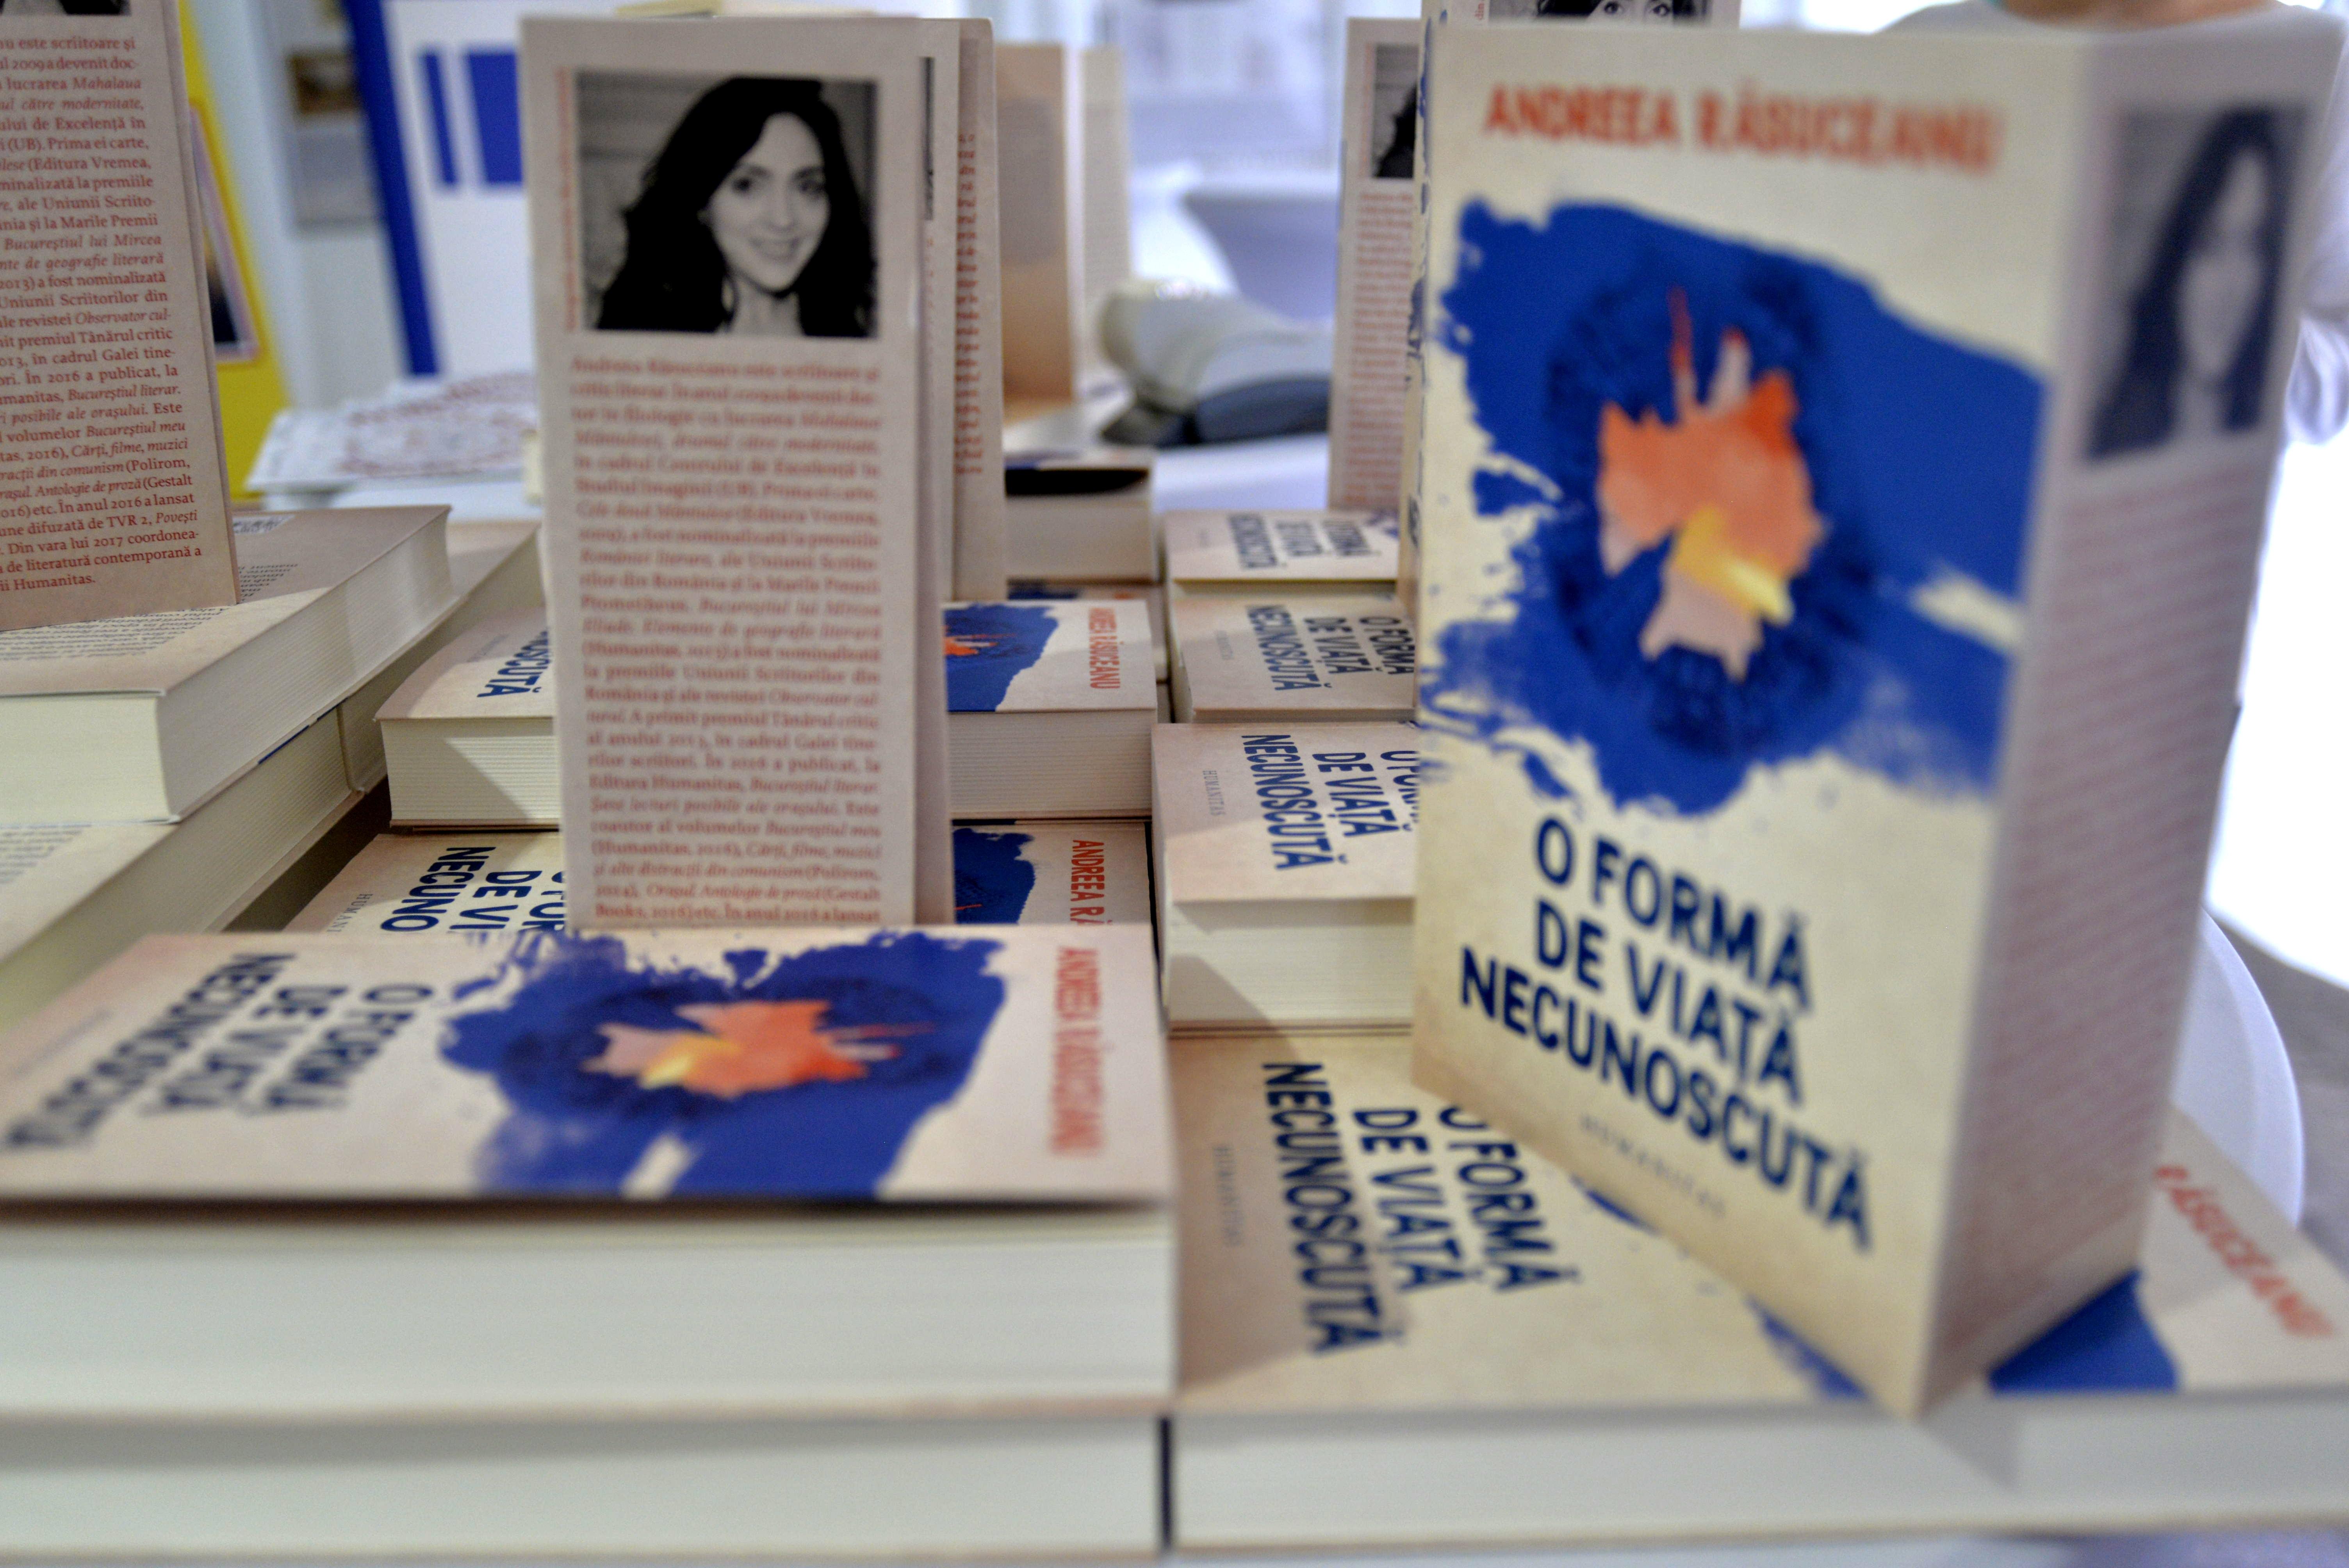 Andreea Răsuceanu despre O formă de viață necunoscută, București și cărți